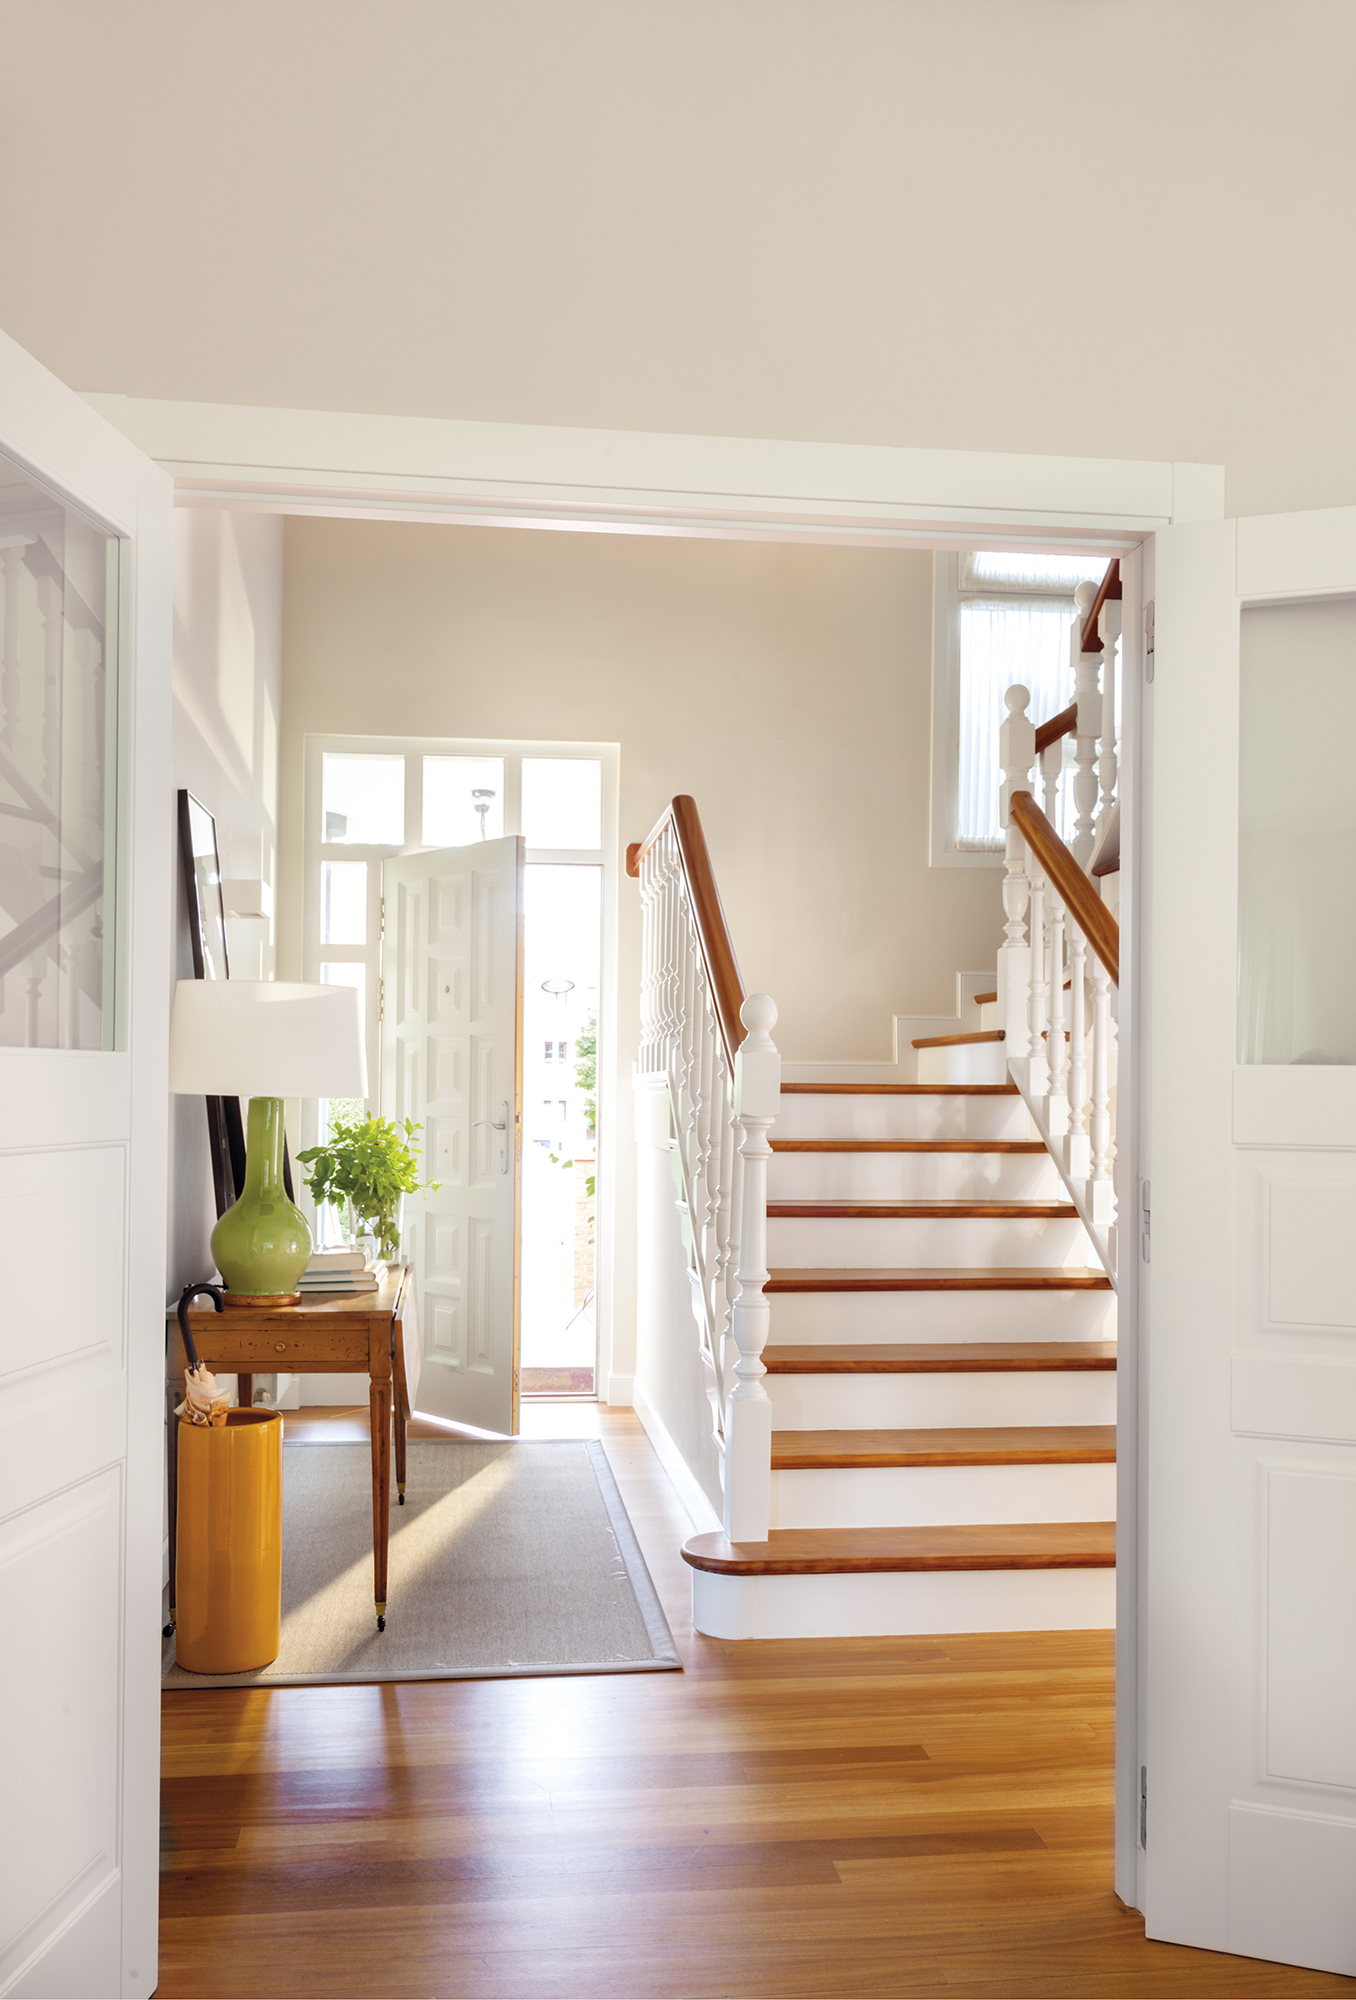 987 fotos de recibidores pagina 6 - Fotos de recibidores de pisos ...